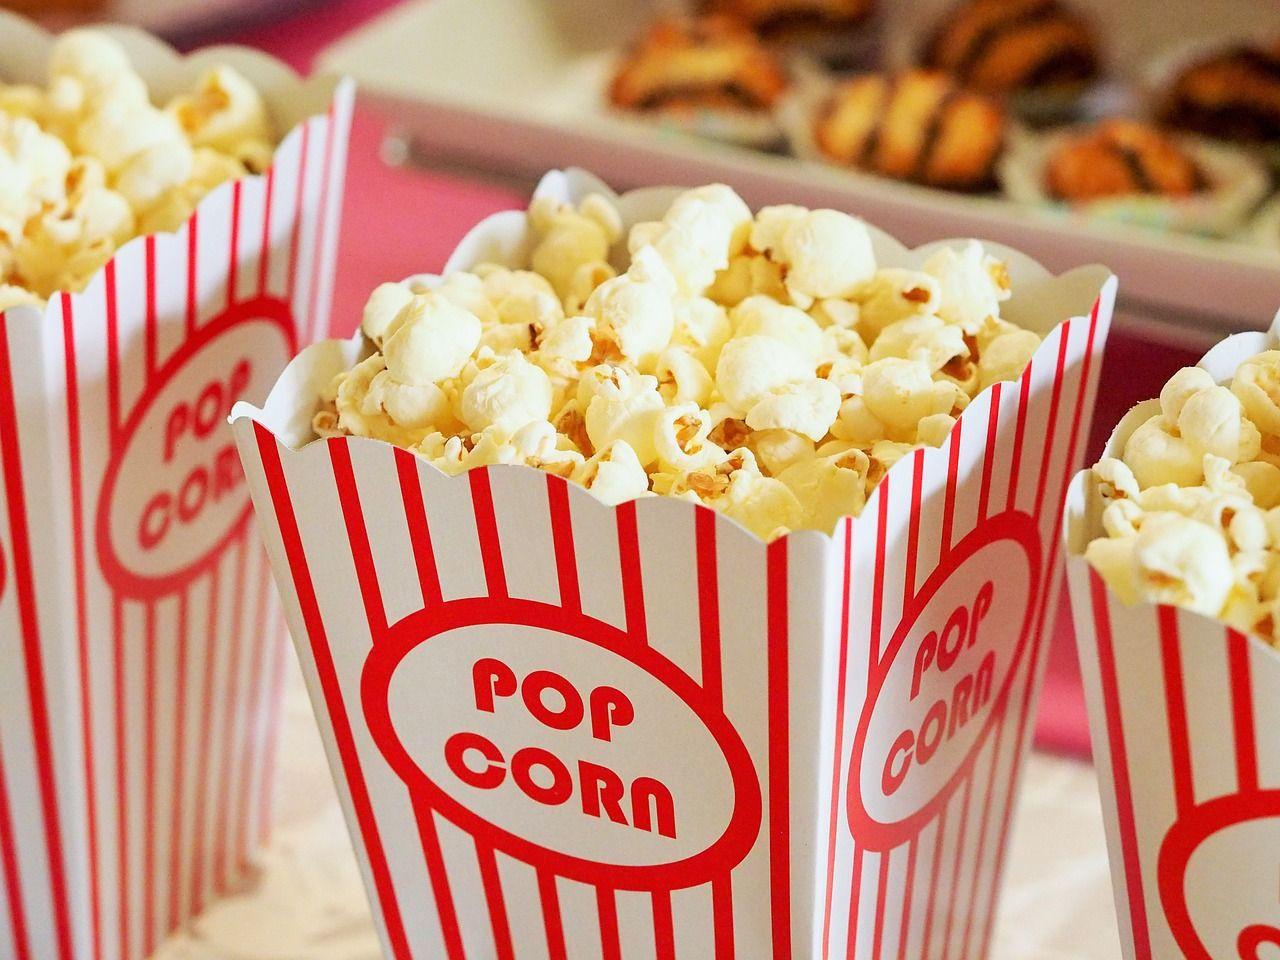 popcorn-1085072_1280.jpg.b8c092012a515364ddcac3af39c7ca60.jpg